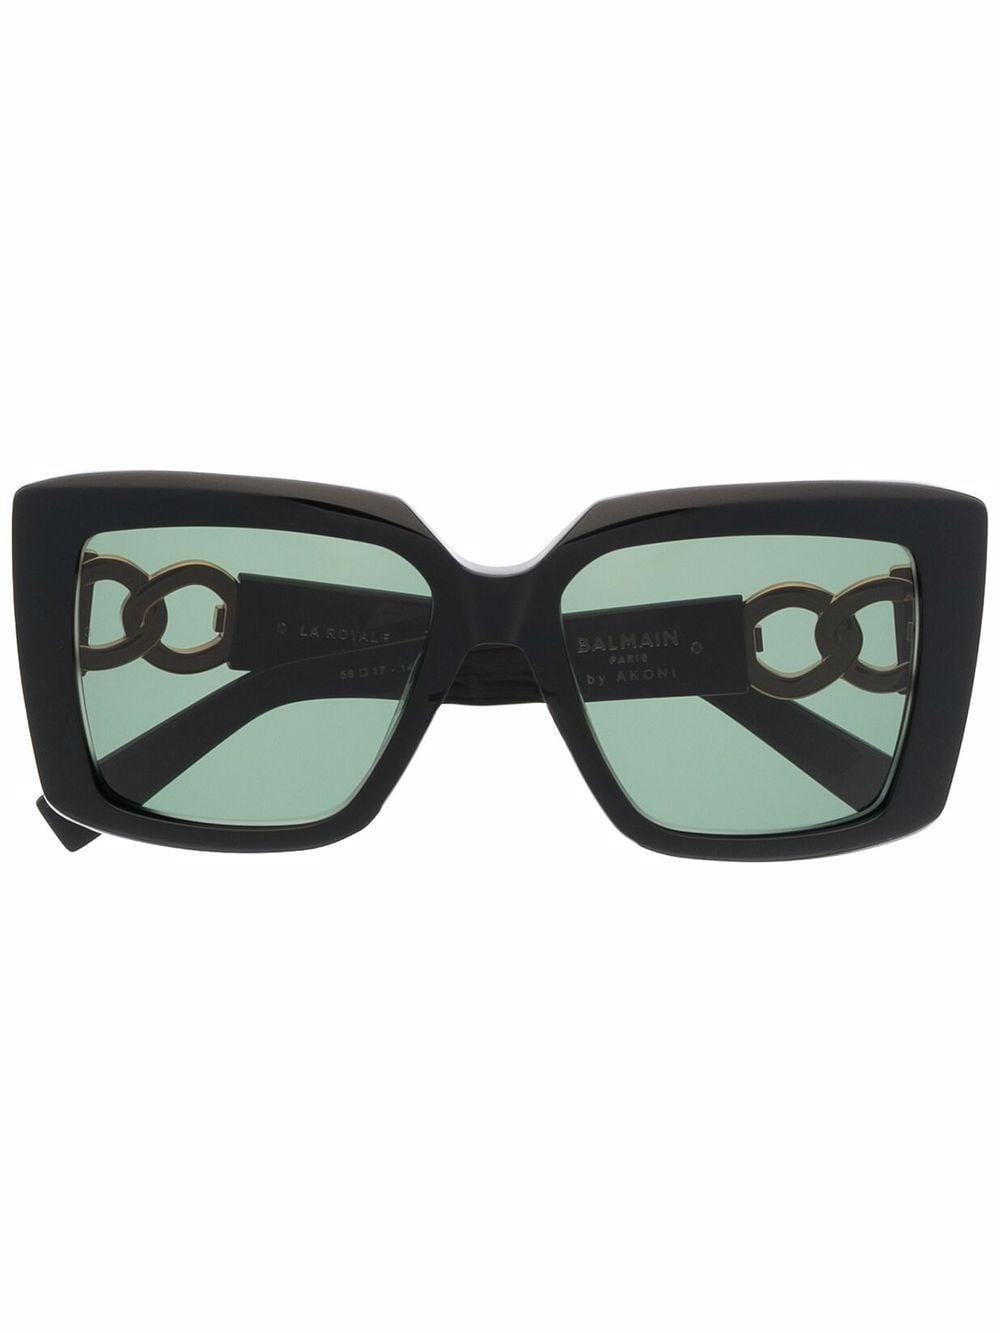 Balmain Eyewear Eckige La Royale Sonnenbrille - Schwarz